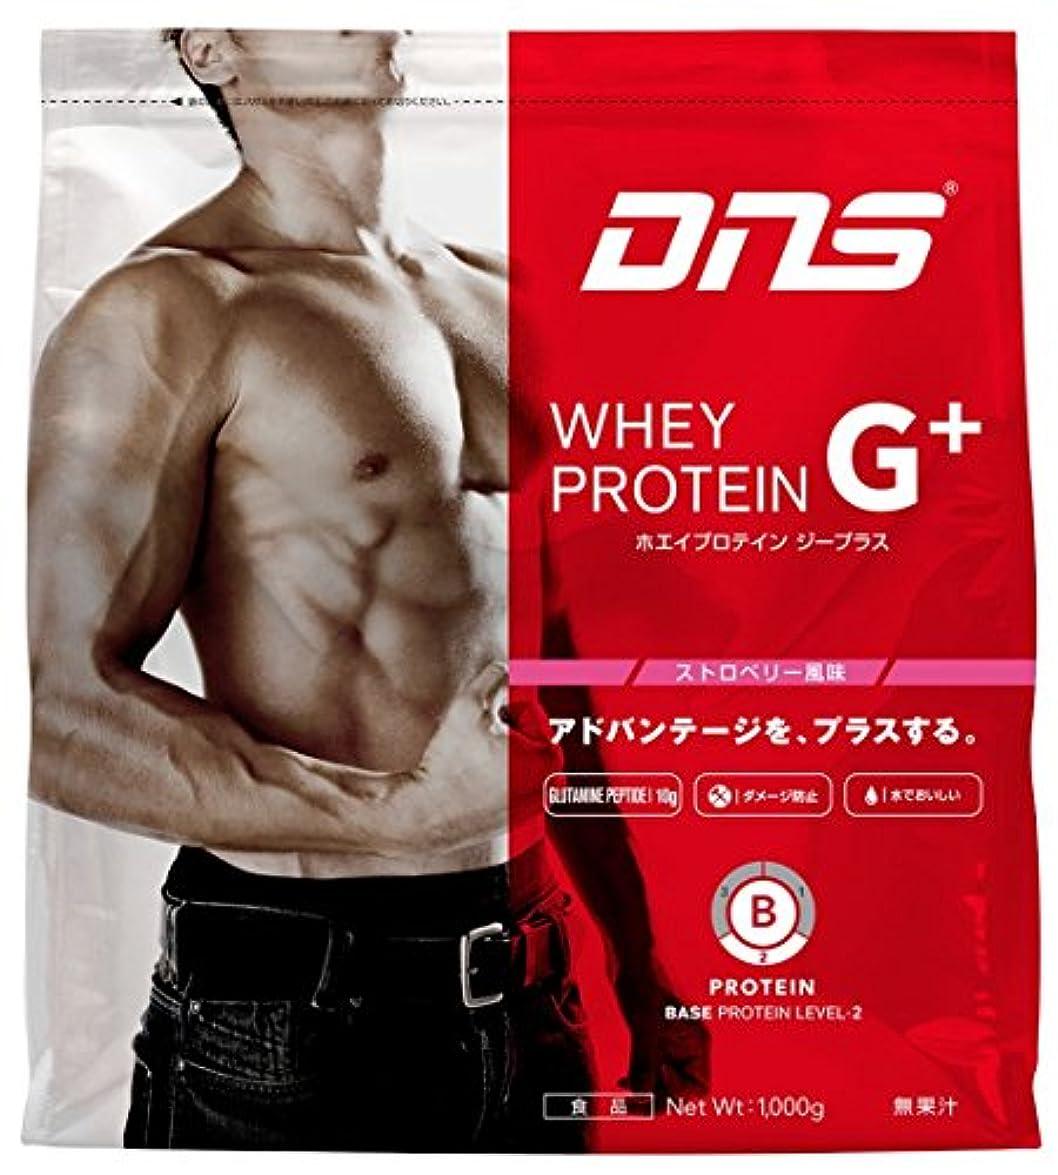 アルバム雇う雄弁家DNS WHEY PROTEIN G+ (ホエイプロテインG+) ストロベリー風味 1000g